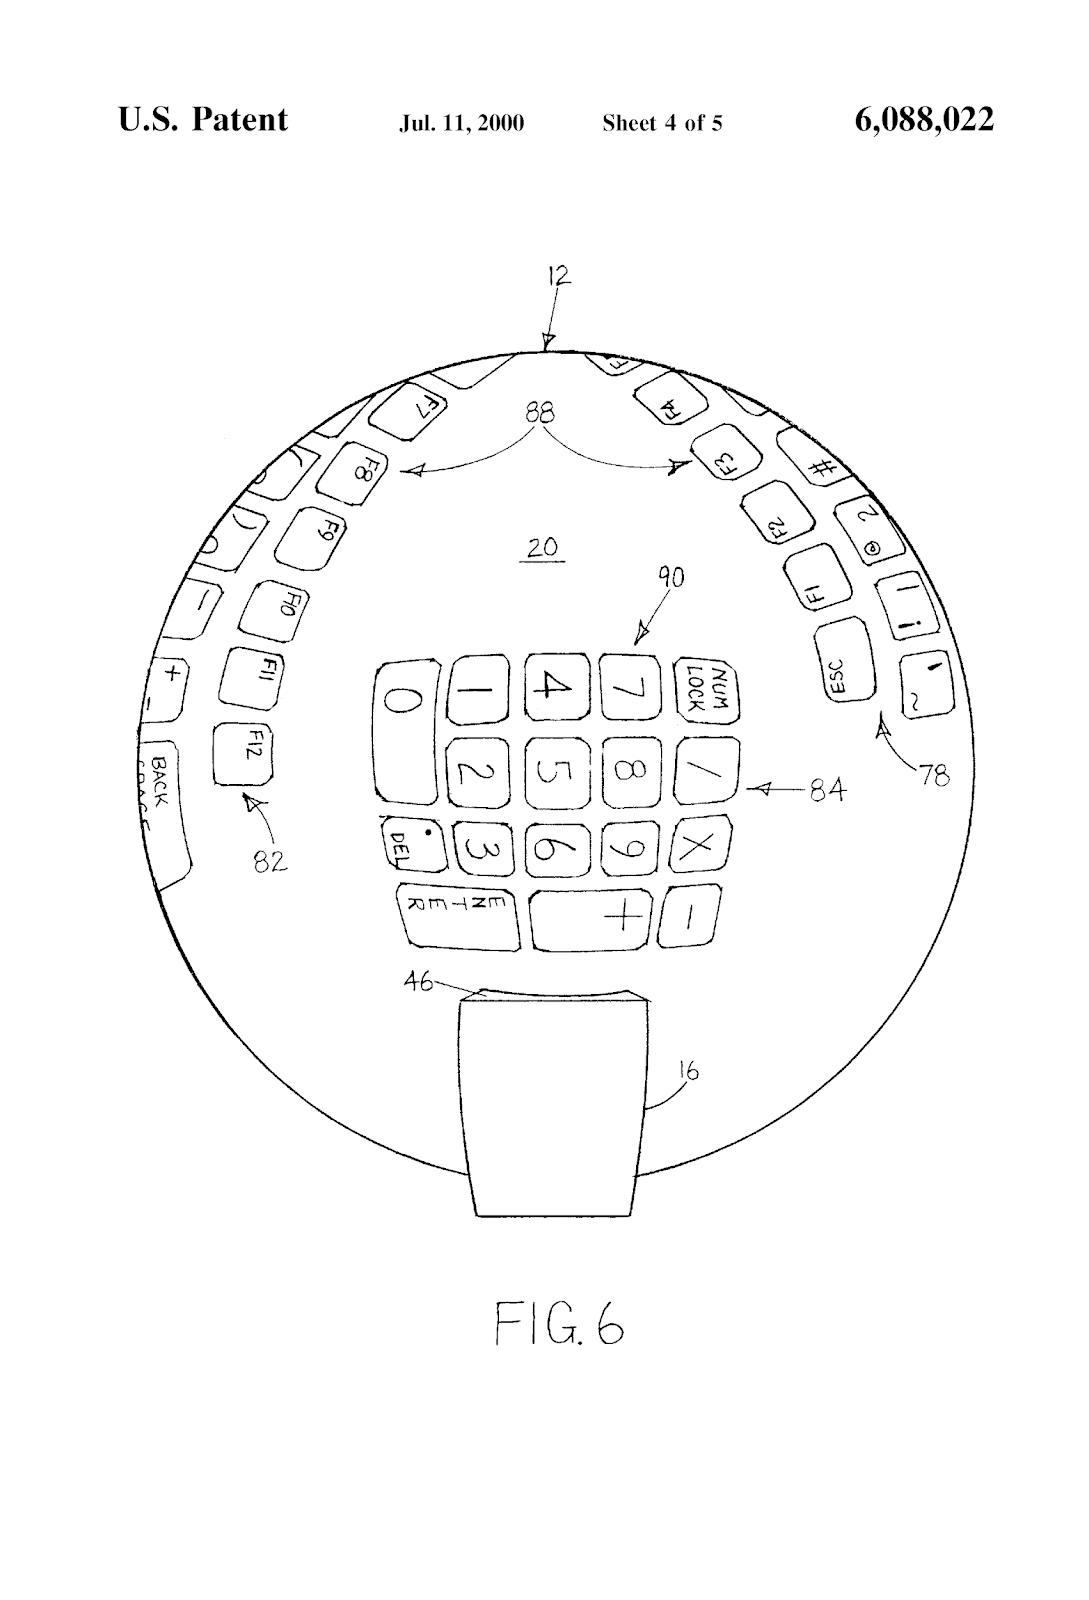 Качаем пресс с помощью игрового контроллера, или 8 необычных патентов на устройства ввода - 6